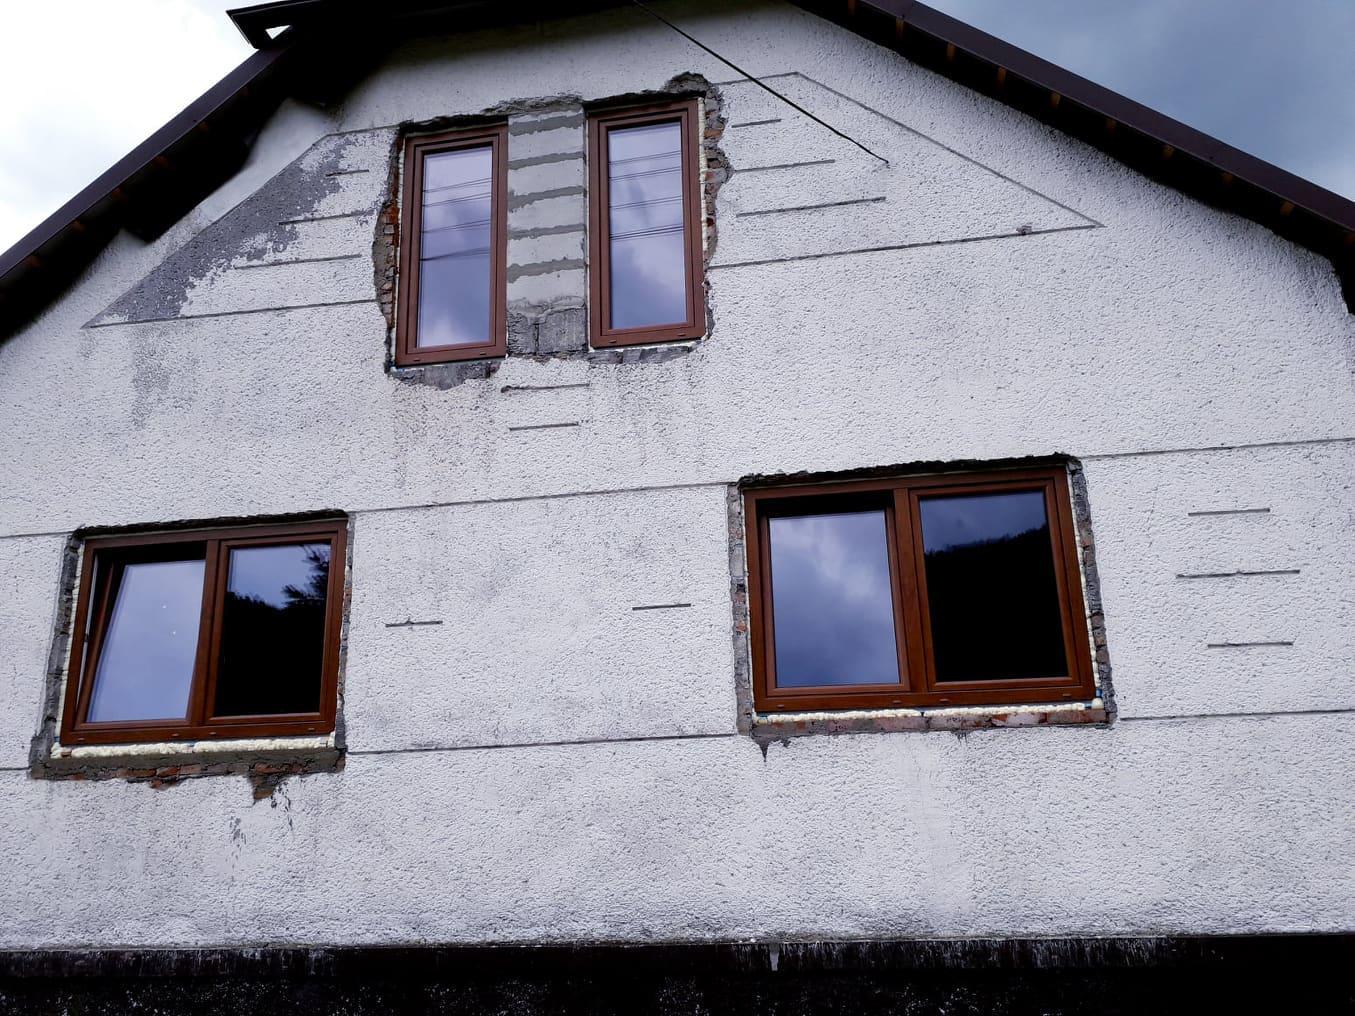 Dom/rekonštrukcia, sen/náročné obdobie :-) - 08/2019